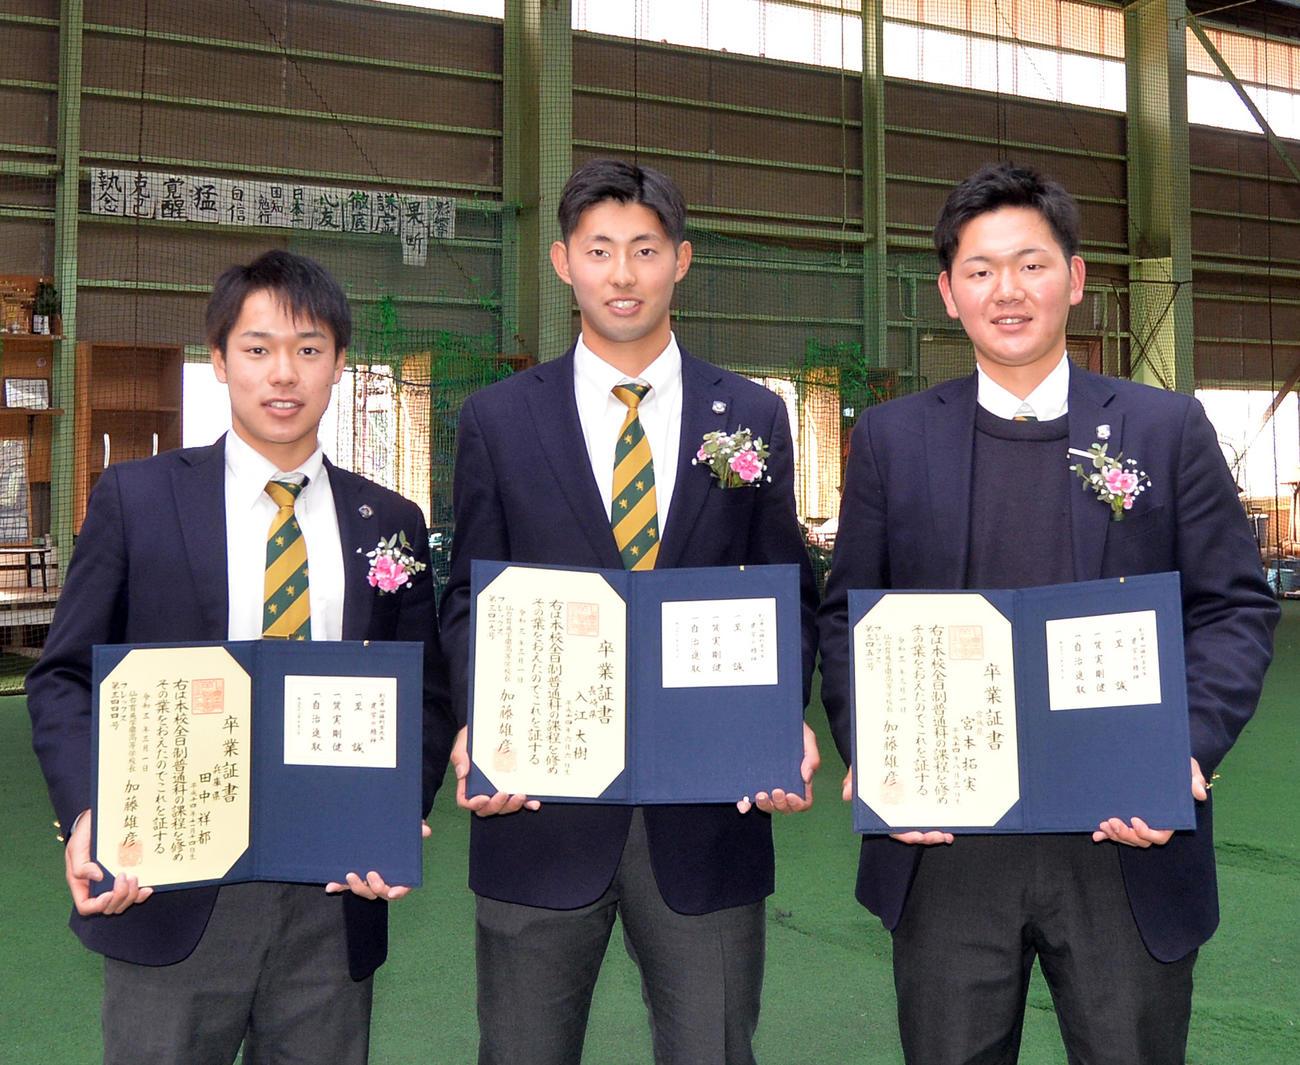 仙台育英を卒業した、左から田中、楽天入江、宮本(撮影・佐藤究)